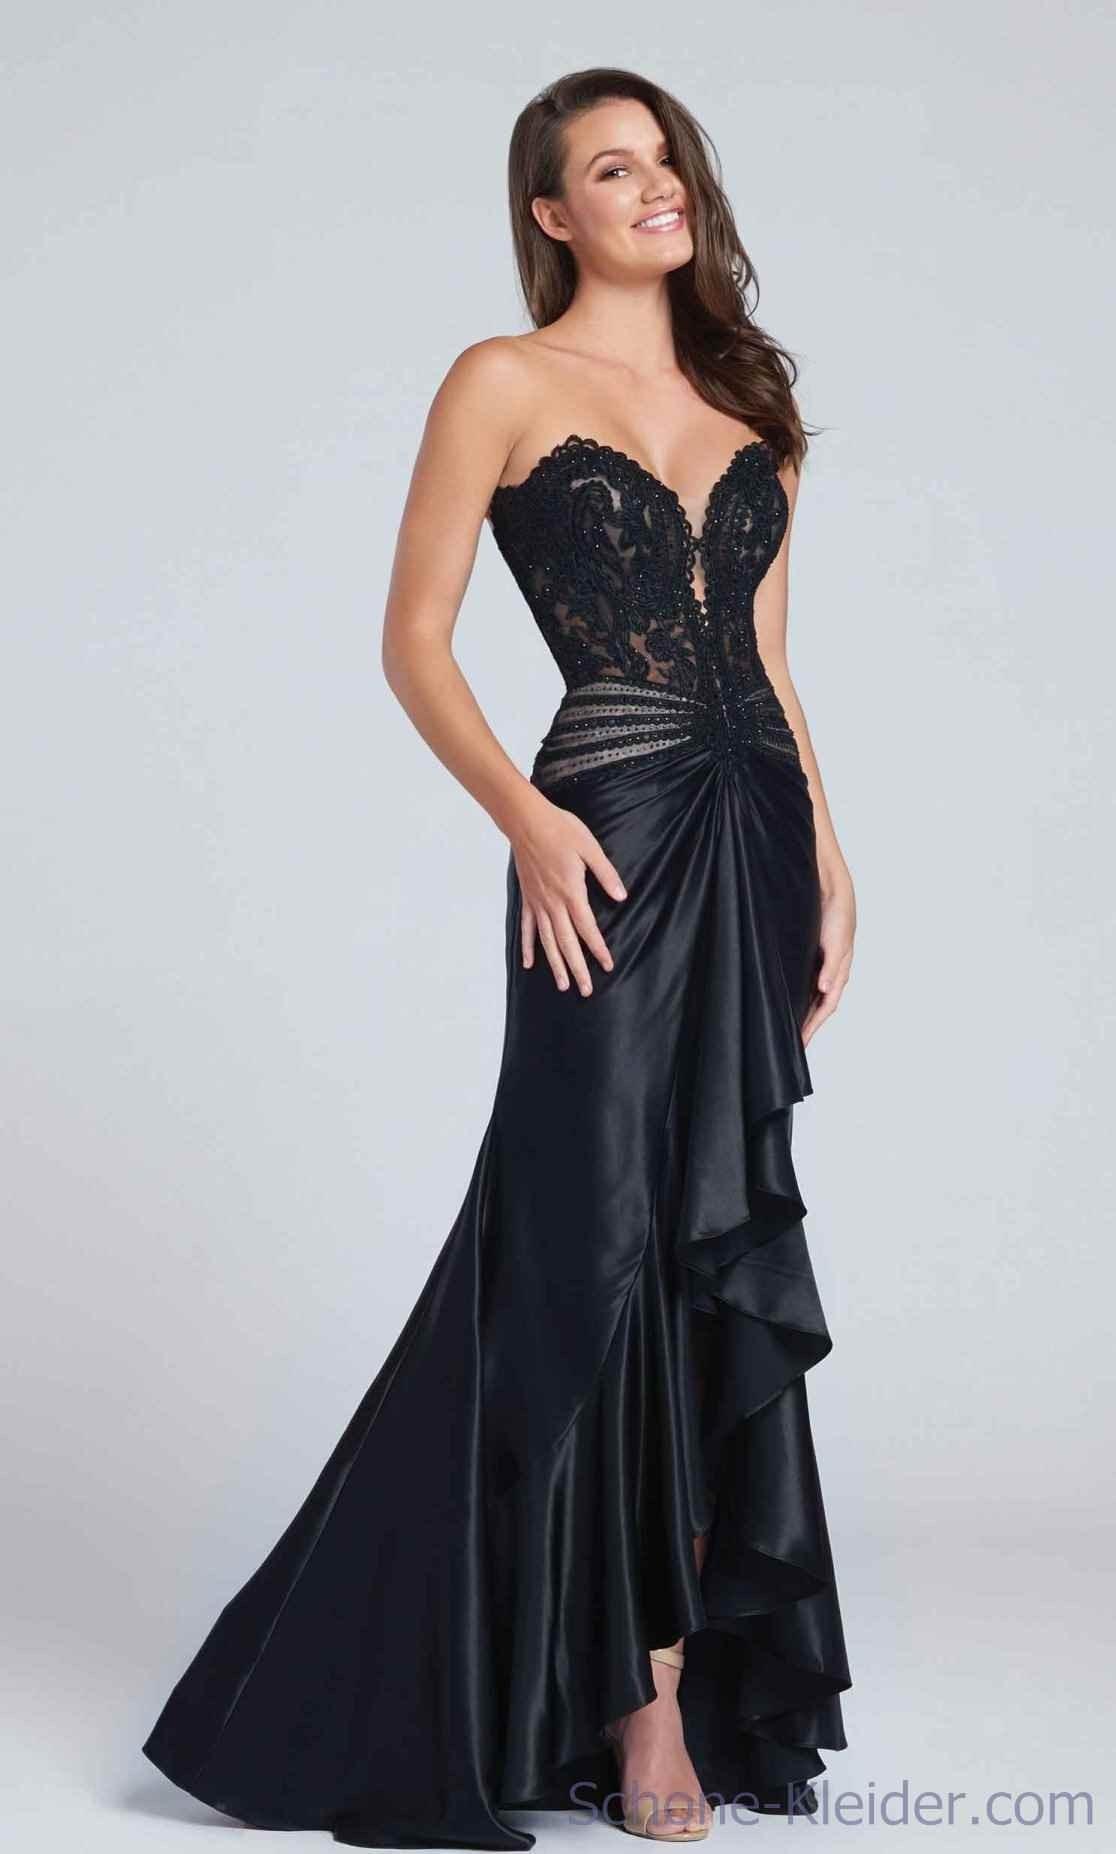 20 Leicht Abendmode Kleider Design10 Top Abendmode Kleider Boutique